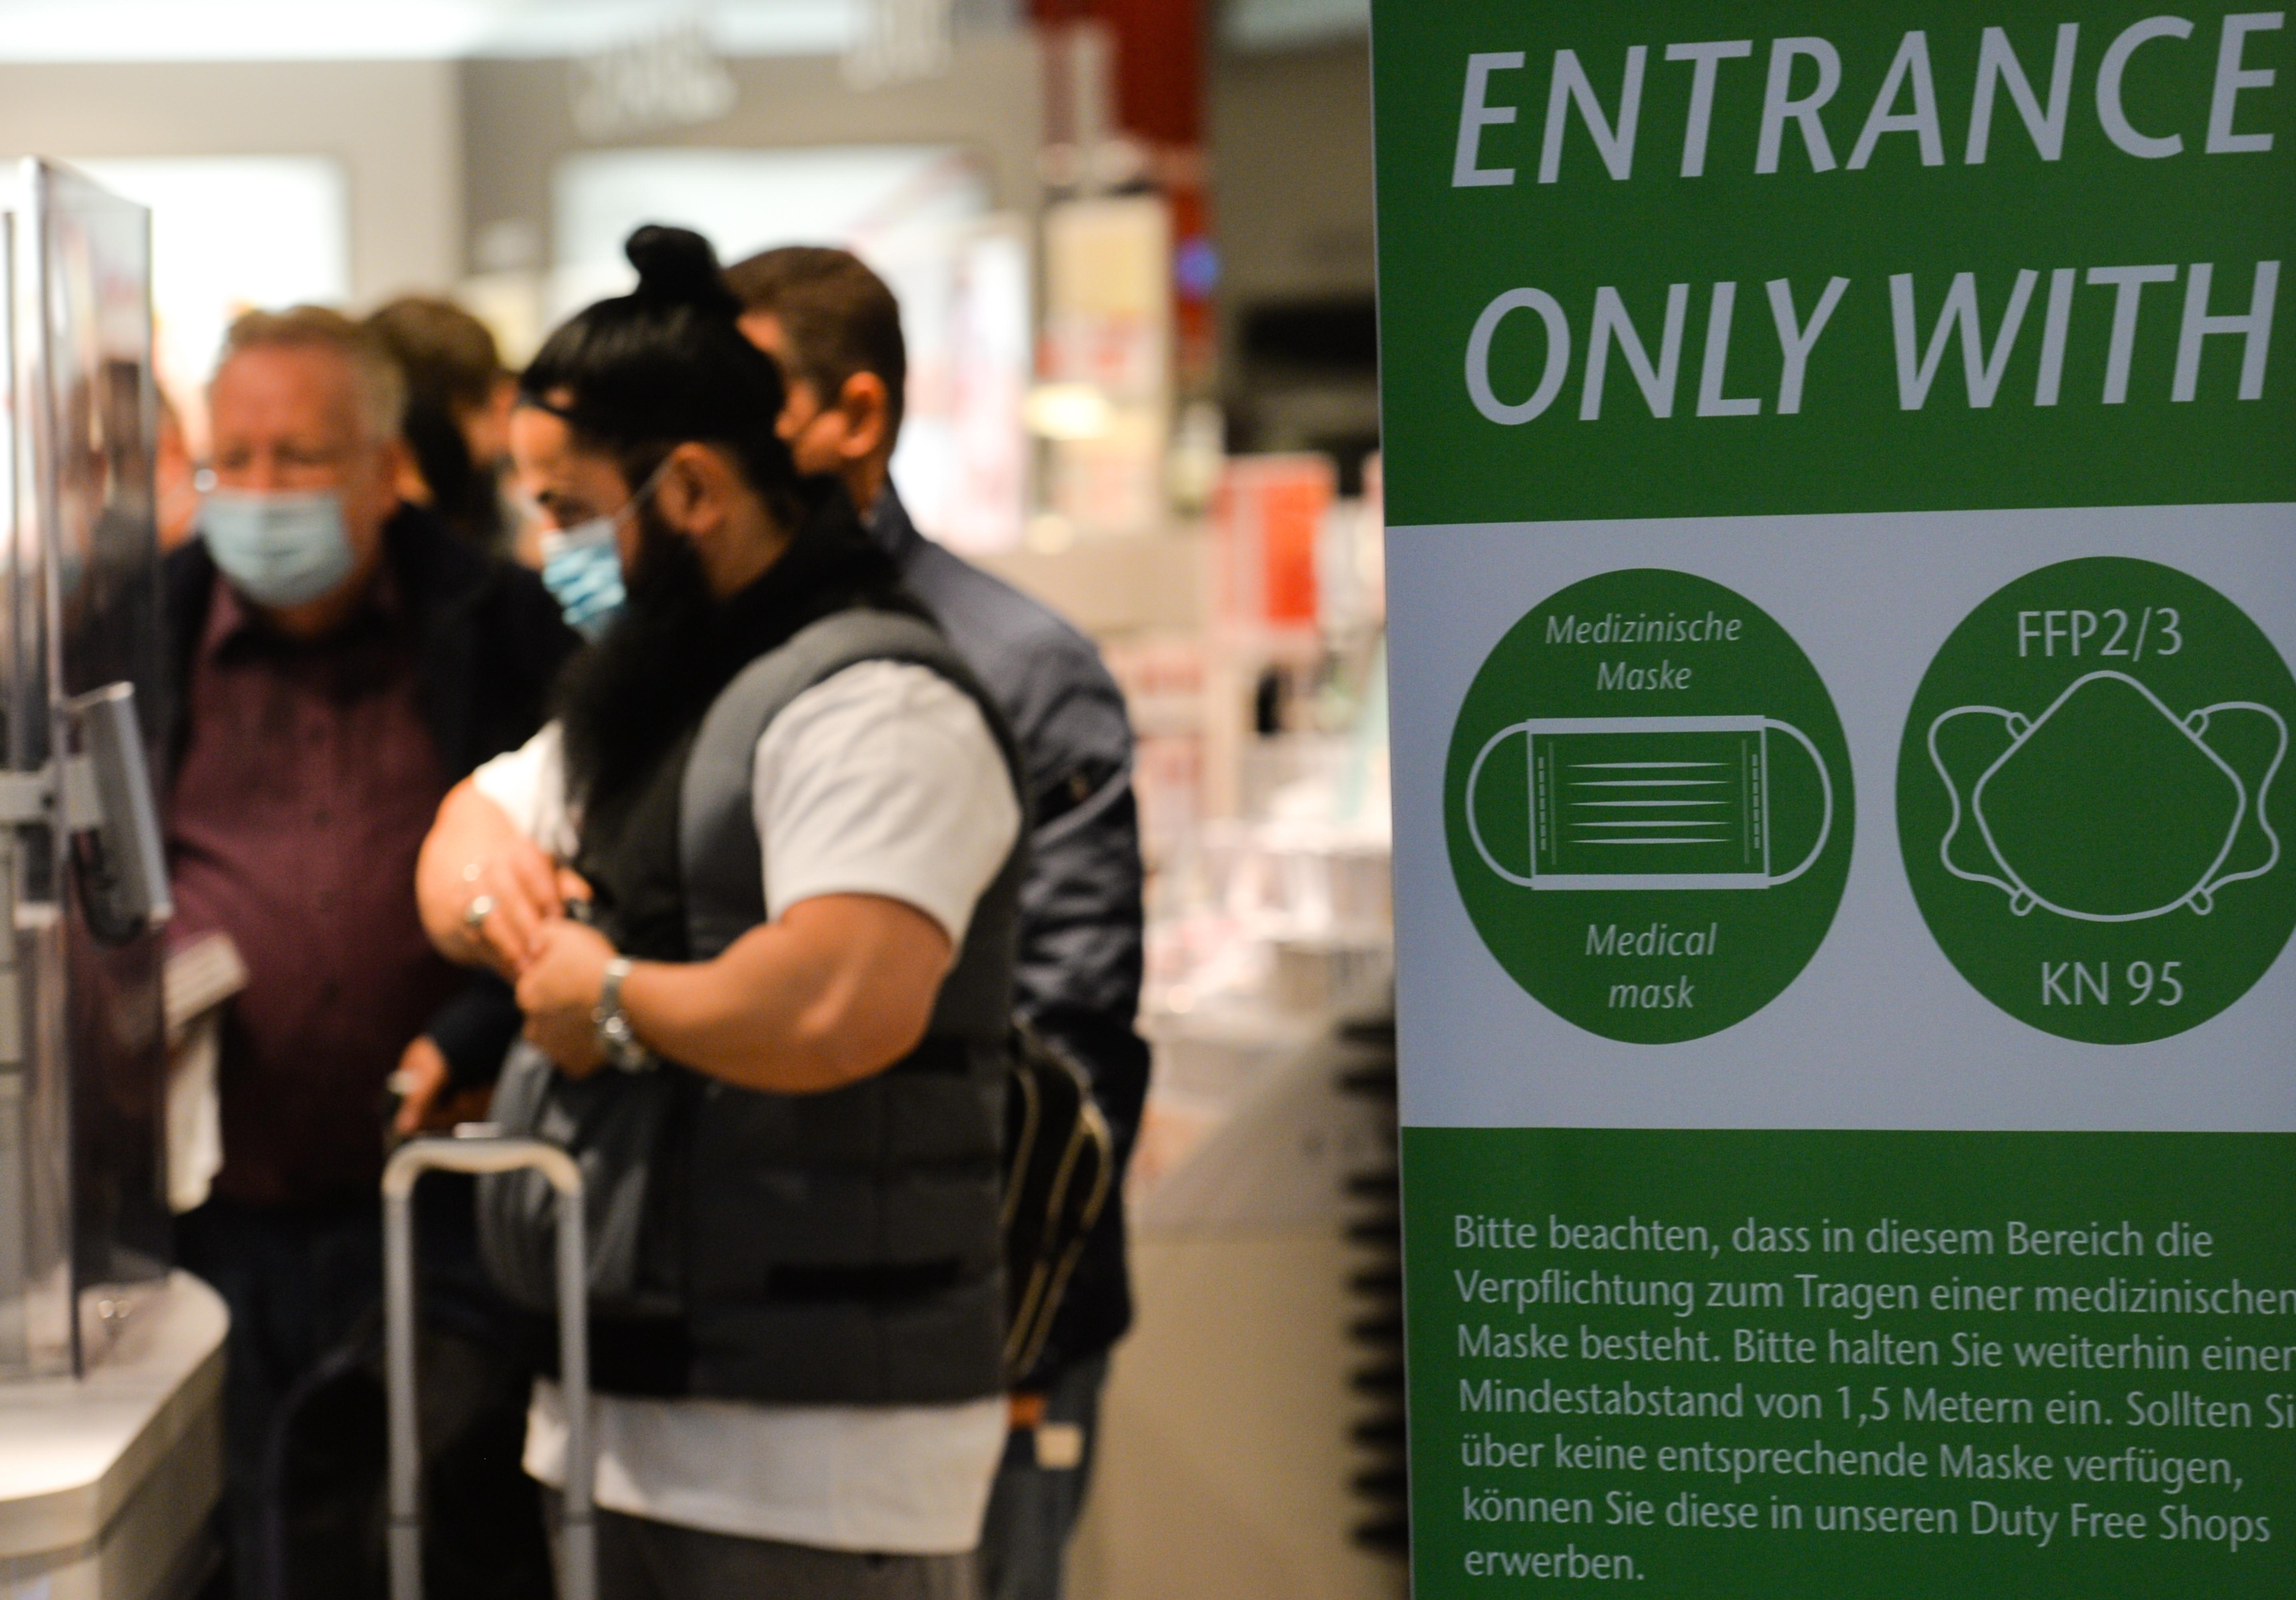 Frankfurt Airport During Covid-19 Pandemic